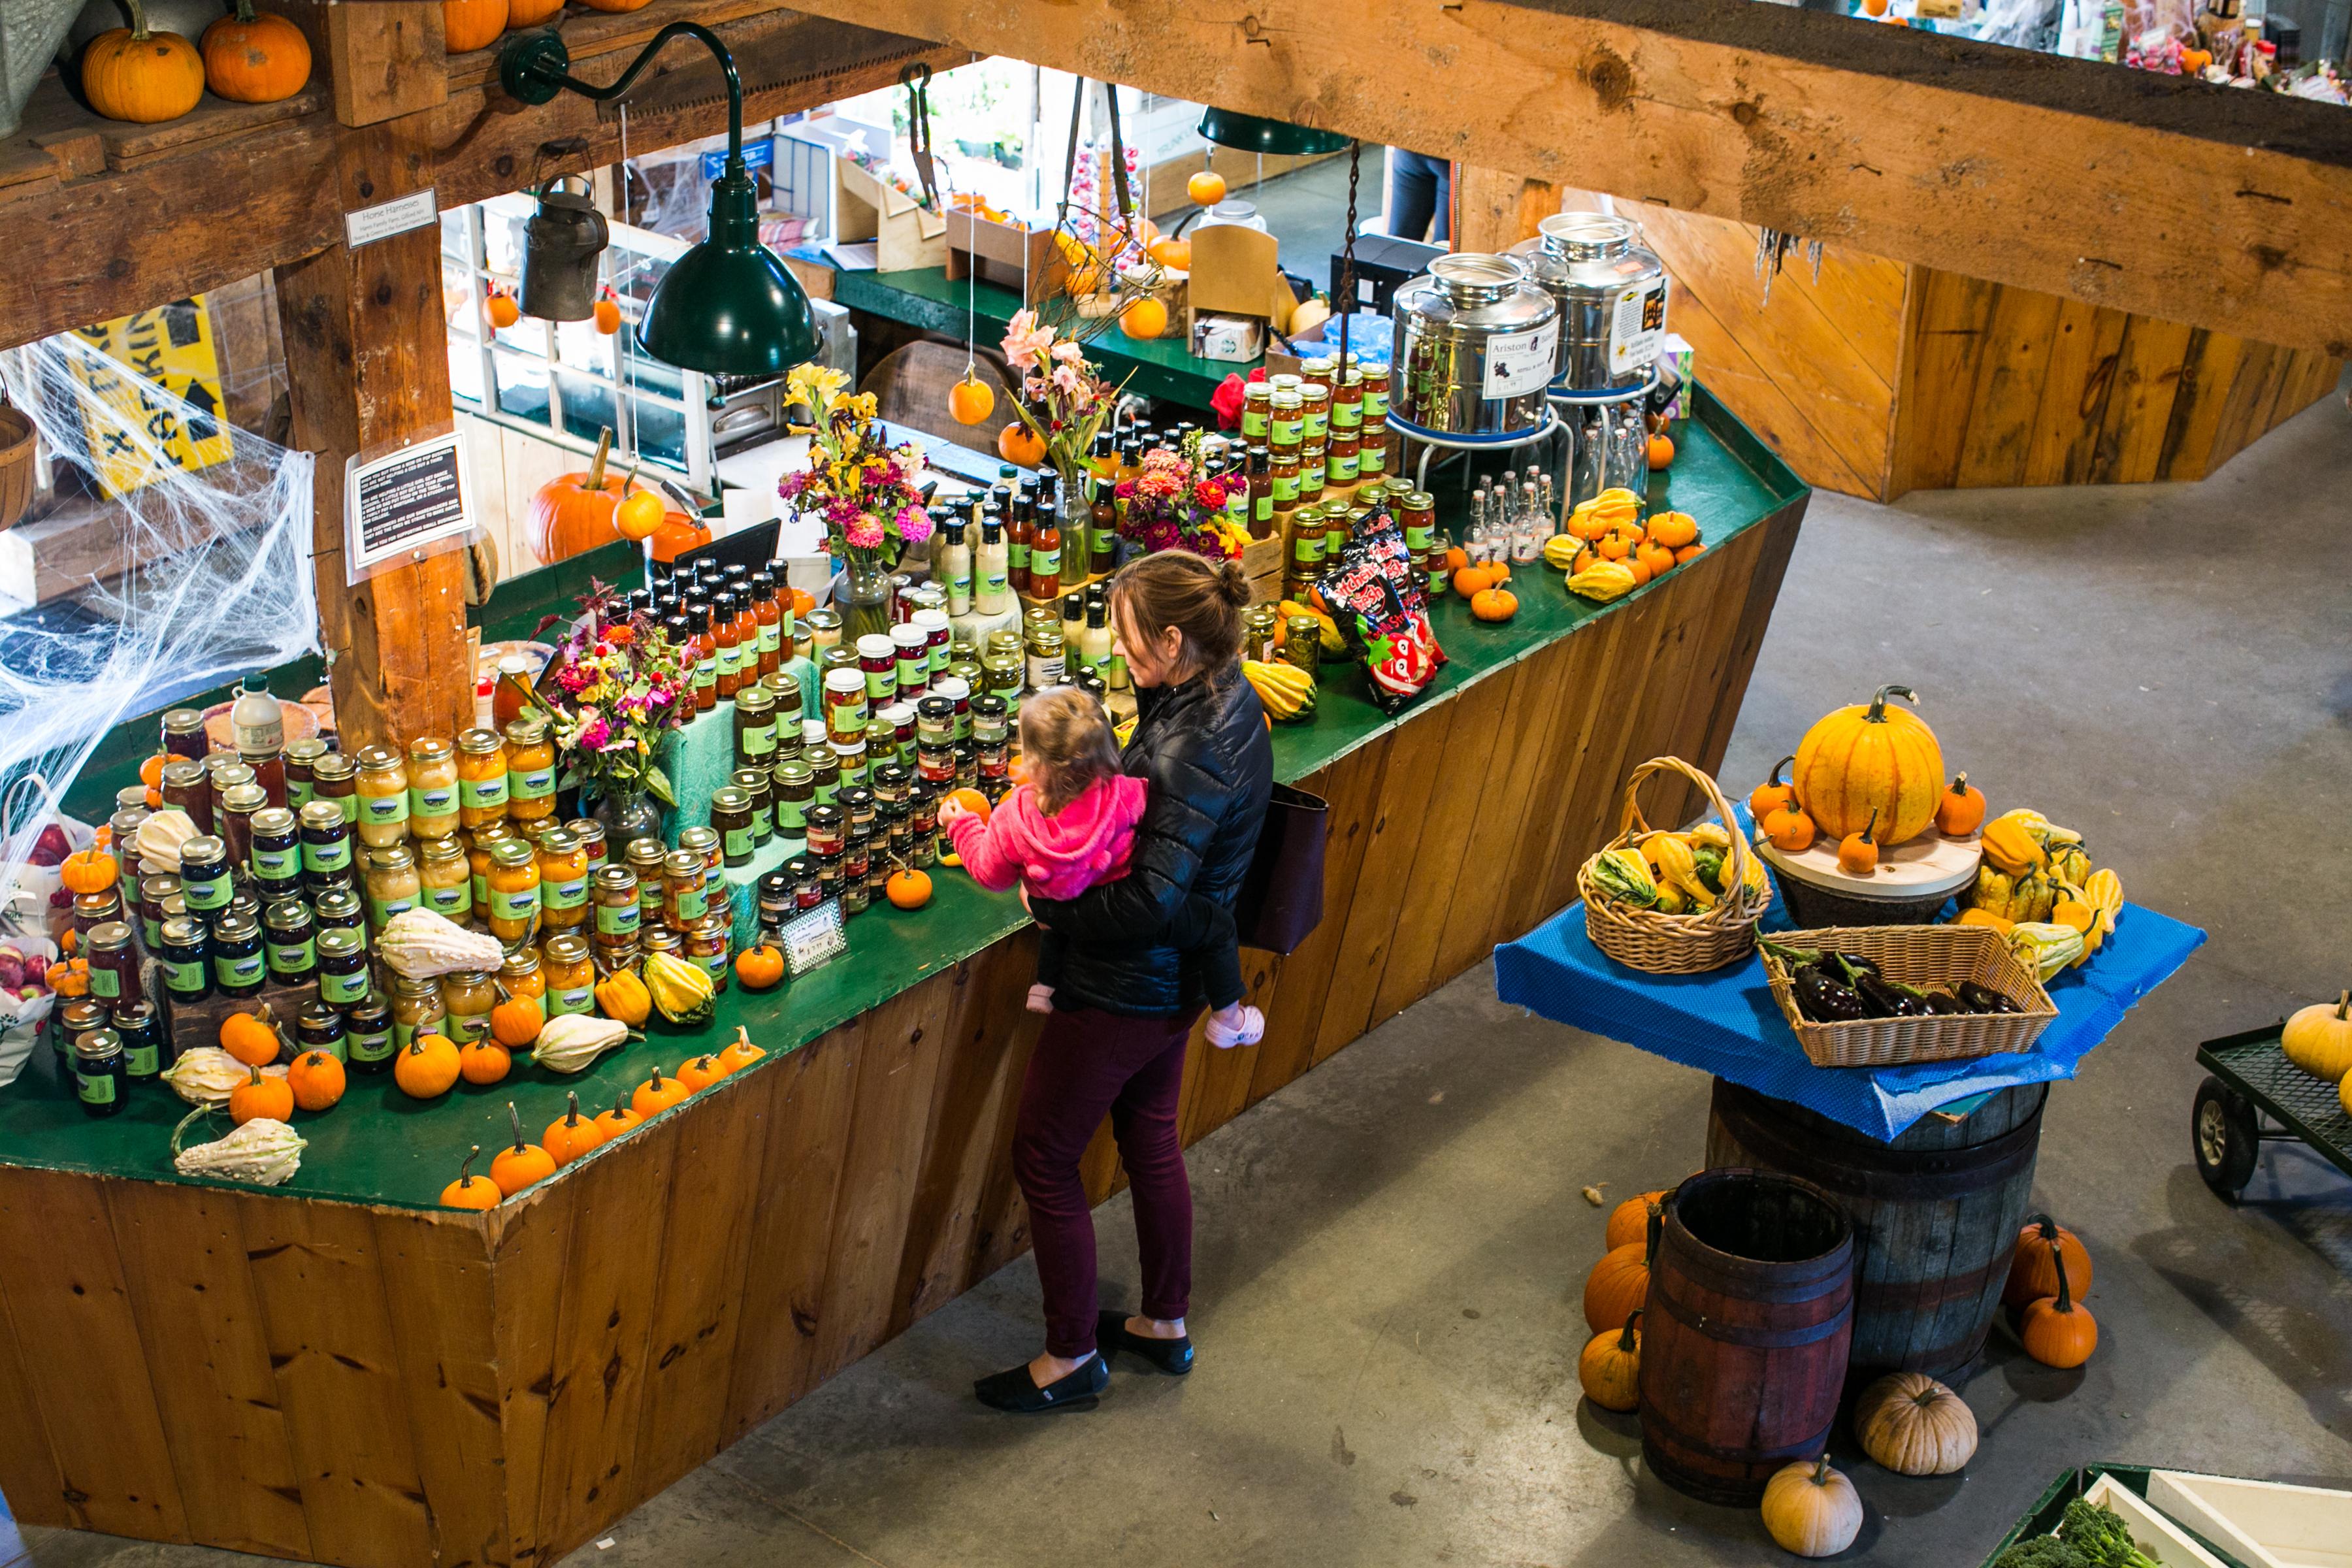 Beans & Greens Farm - Anne Skidmore - farmstadn preserves